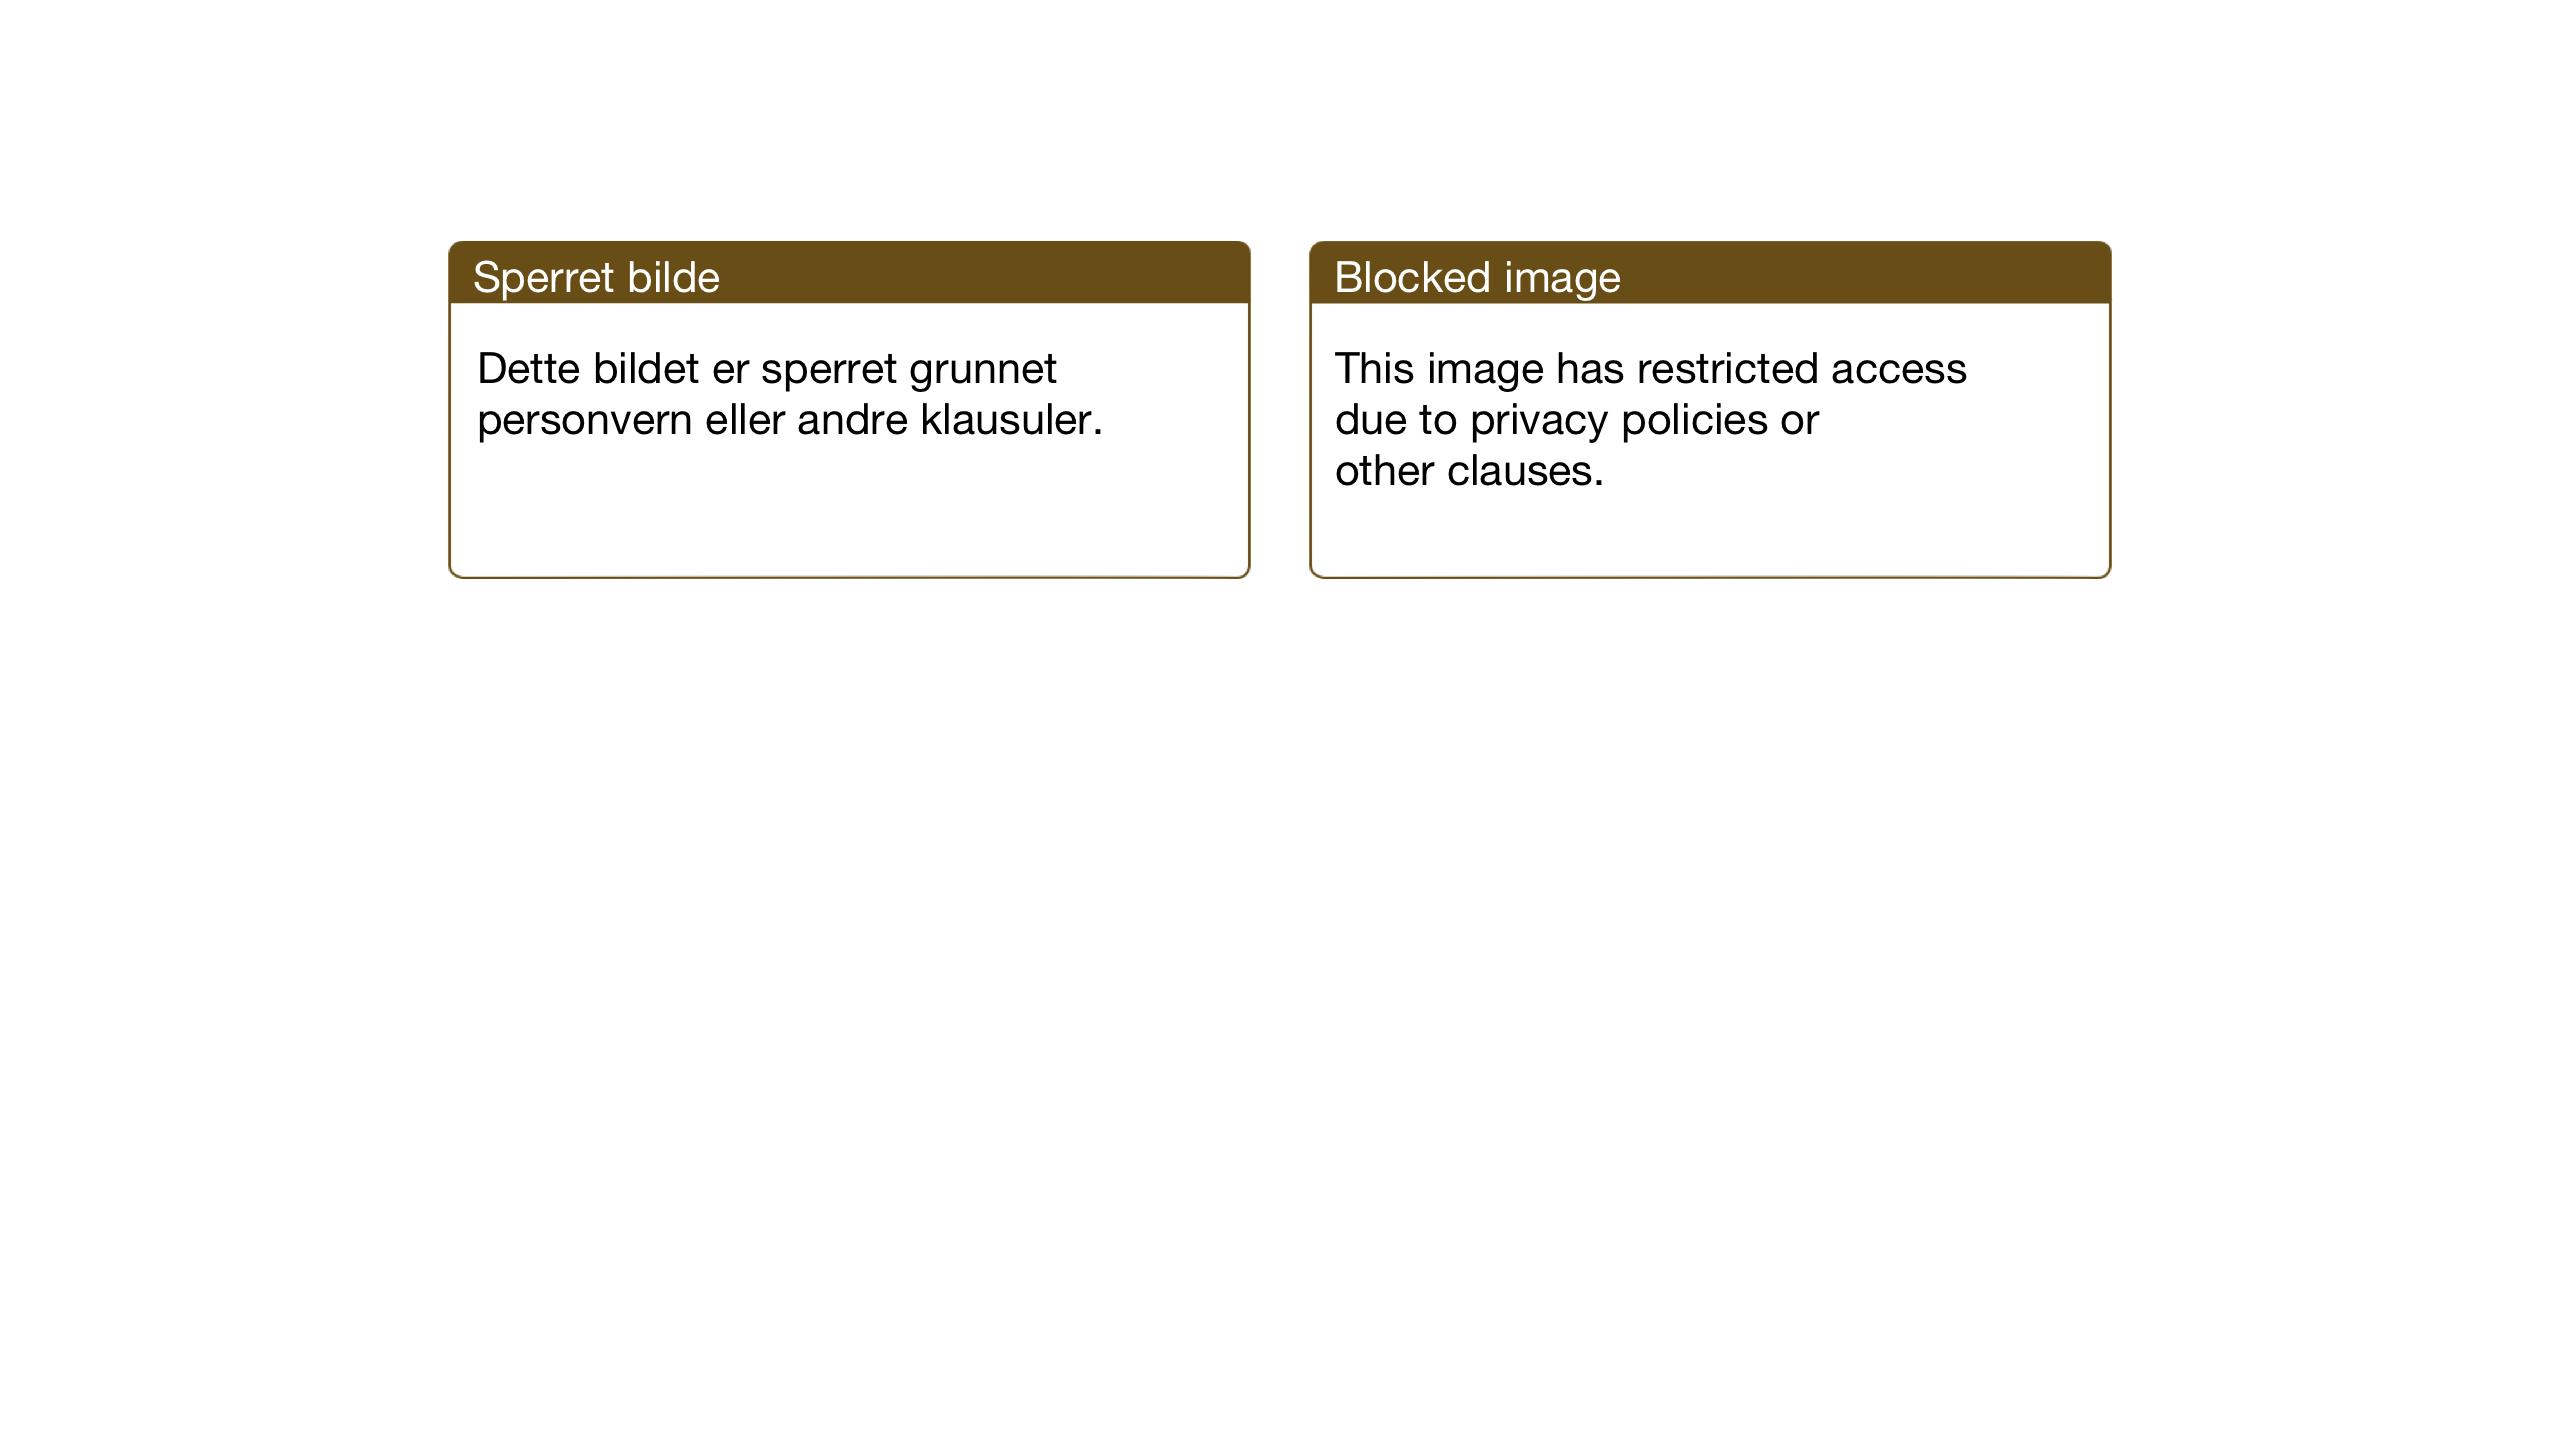 SAT, Ministerialprotokoller, klokkerbøker og fødselsregistre - Sør-Trøndelag, 681/L0943: Klokkerbok nr. 681C07, 1926-1954, s. 184